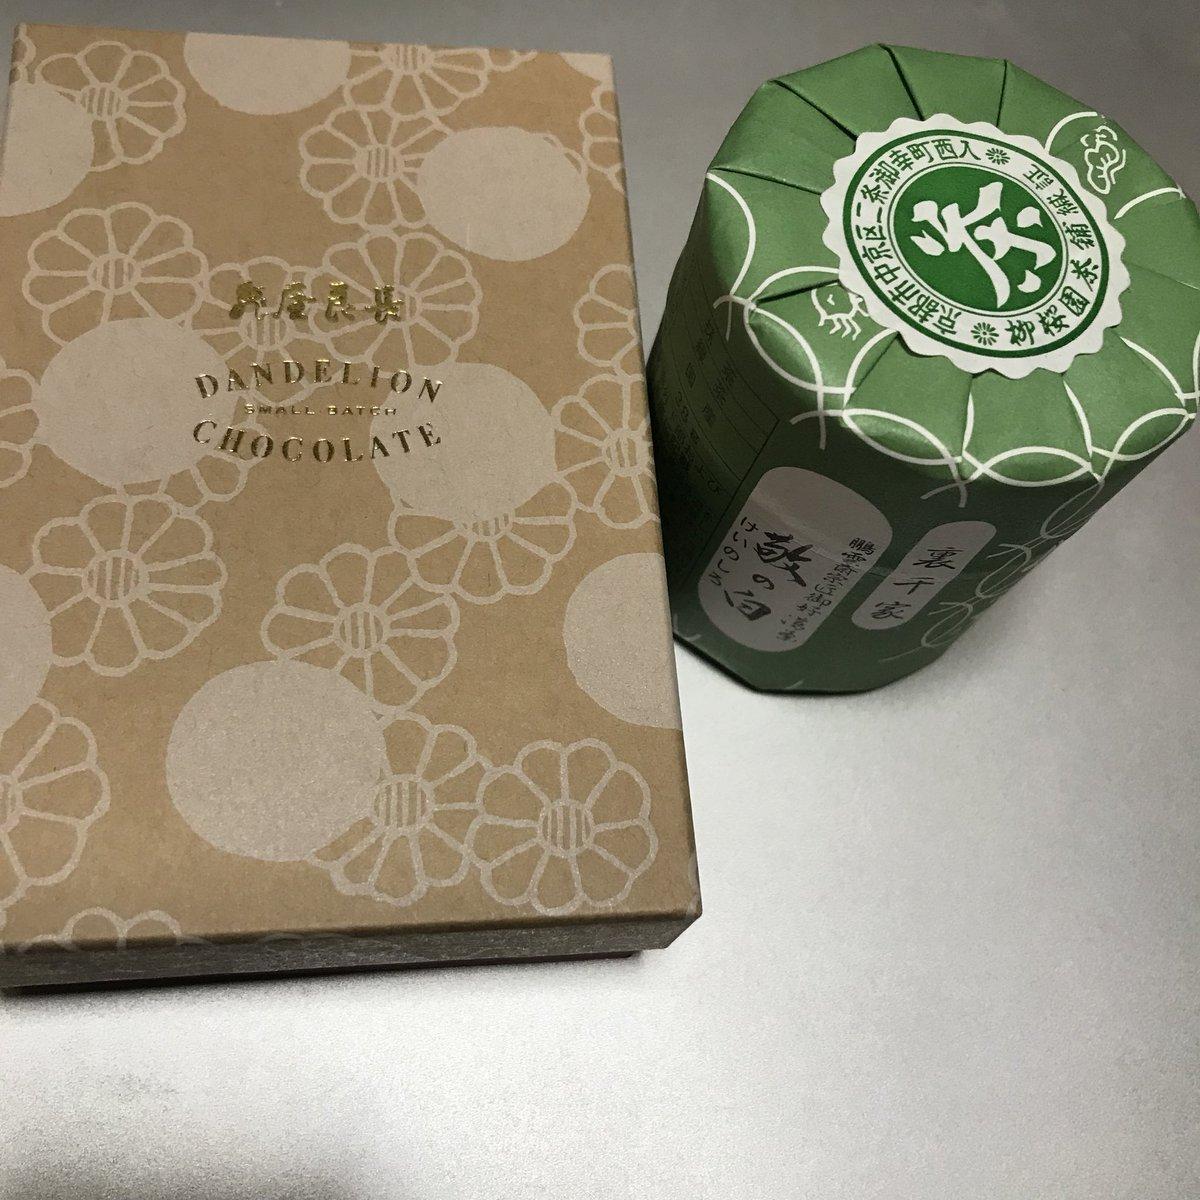 test ツイッターメディア - 京都ネタで忘れてたこと。 ダンデライオンチョコレートとのコラボのカカオの烏羽玉、亀屋良長の本店で扱ってた(ほかのコラボものも)。 ホワイトデー頃まではあるようなので機会がある方は是非! 本店に初めて行ったのですが喫茶も併設されてて。醒ヶ井のお水出して貰えます!  柳桜園のお茶も入手♪ https://t.co/MyUUfKjvmF